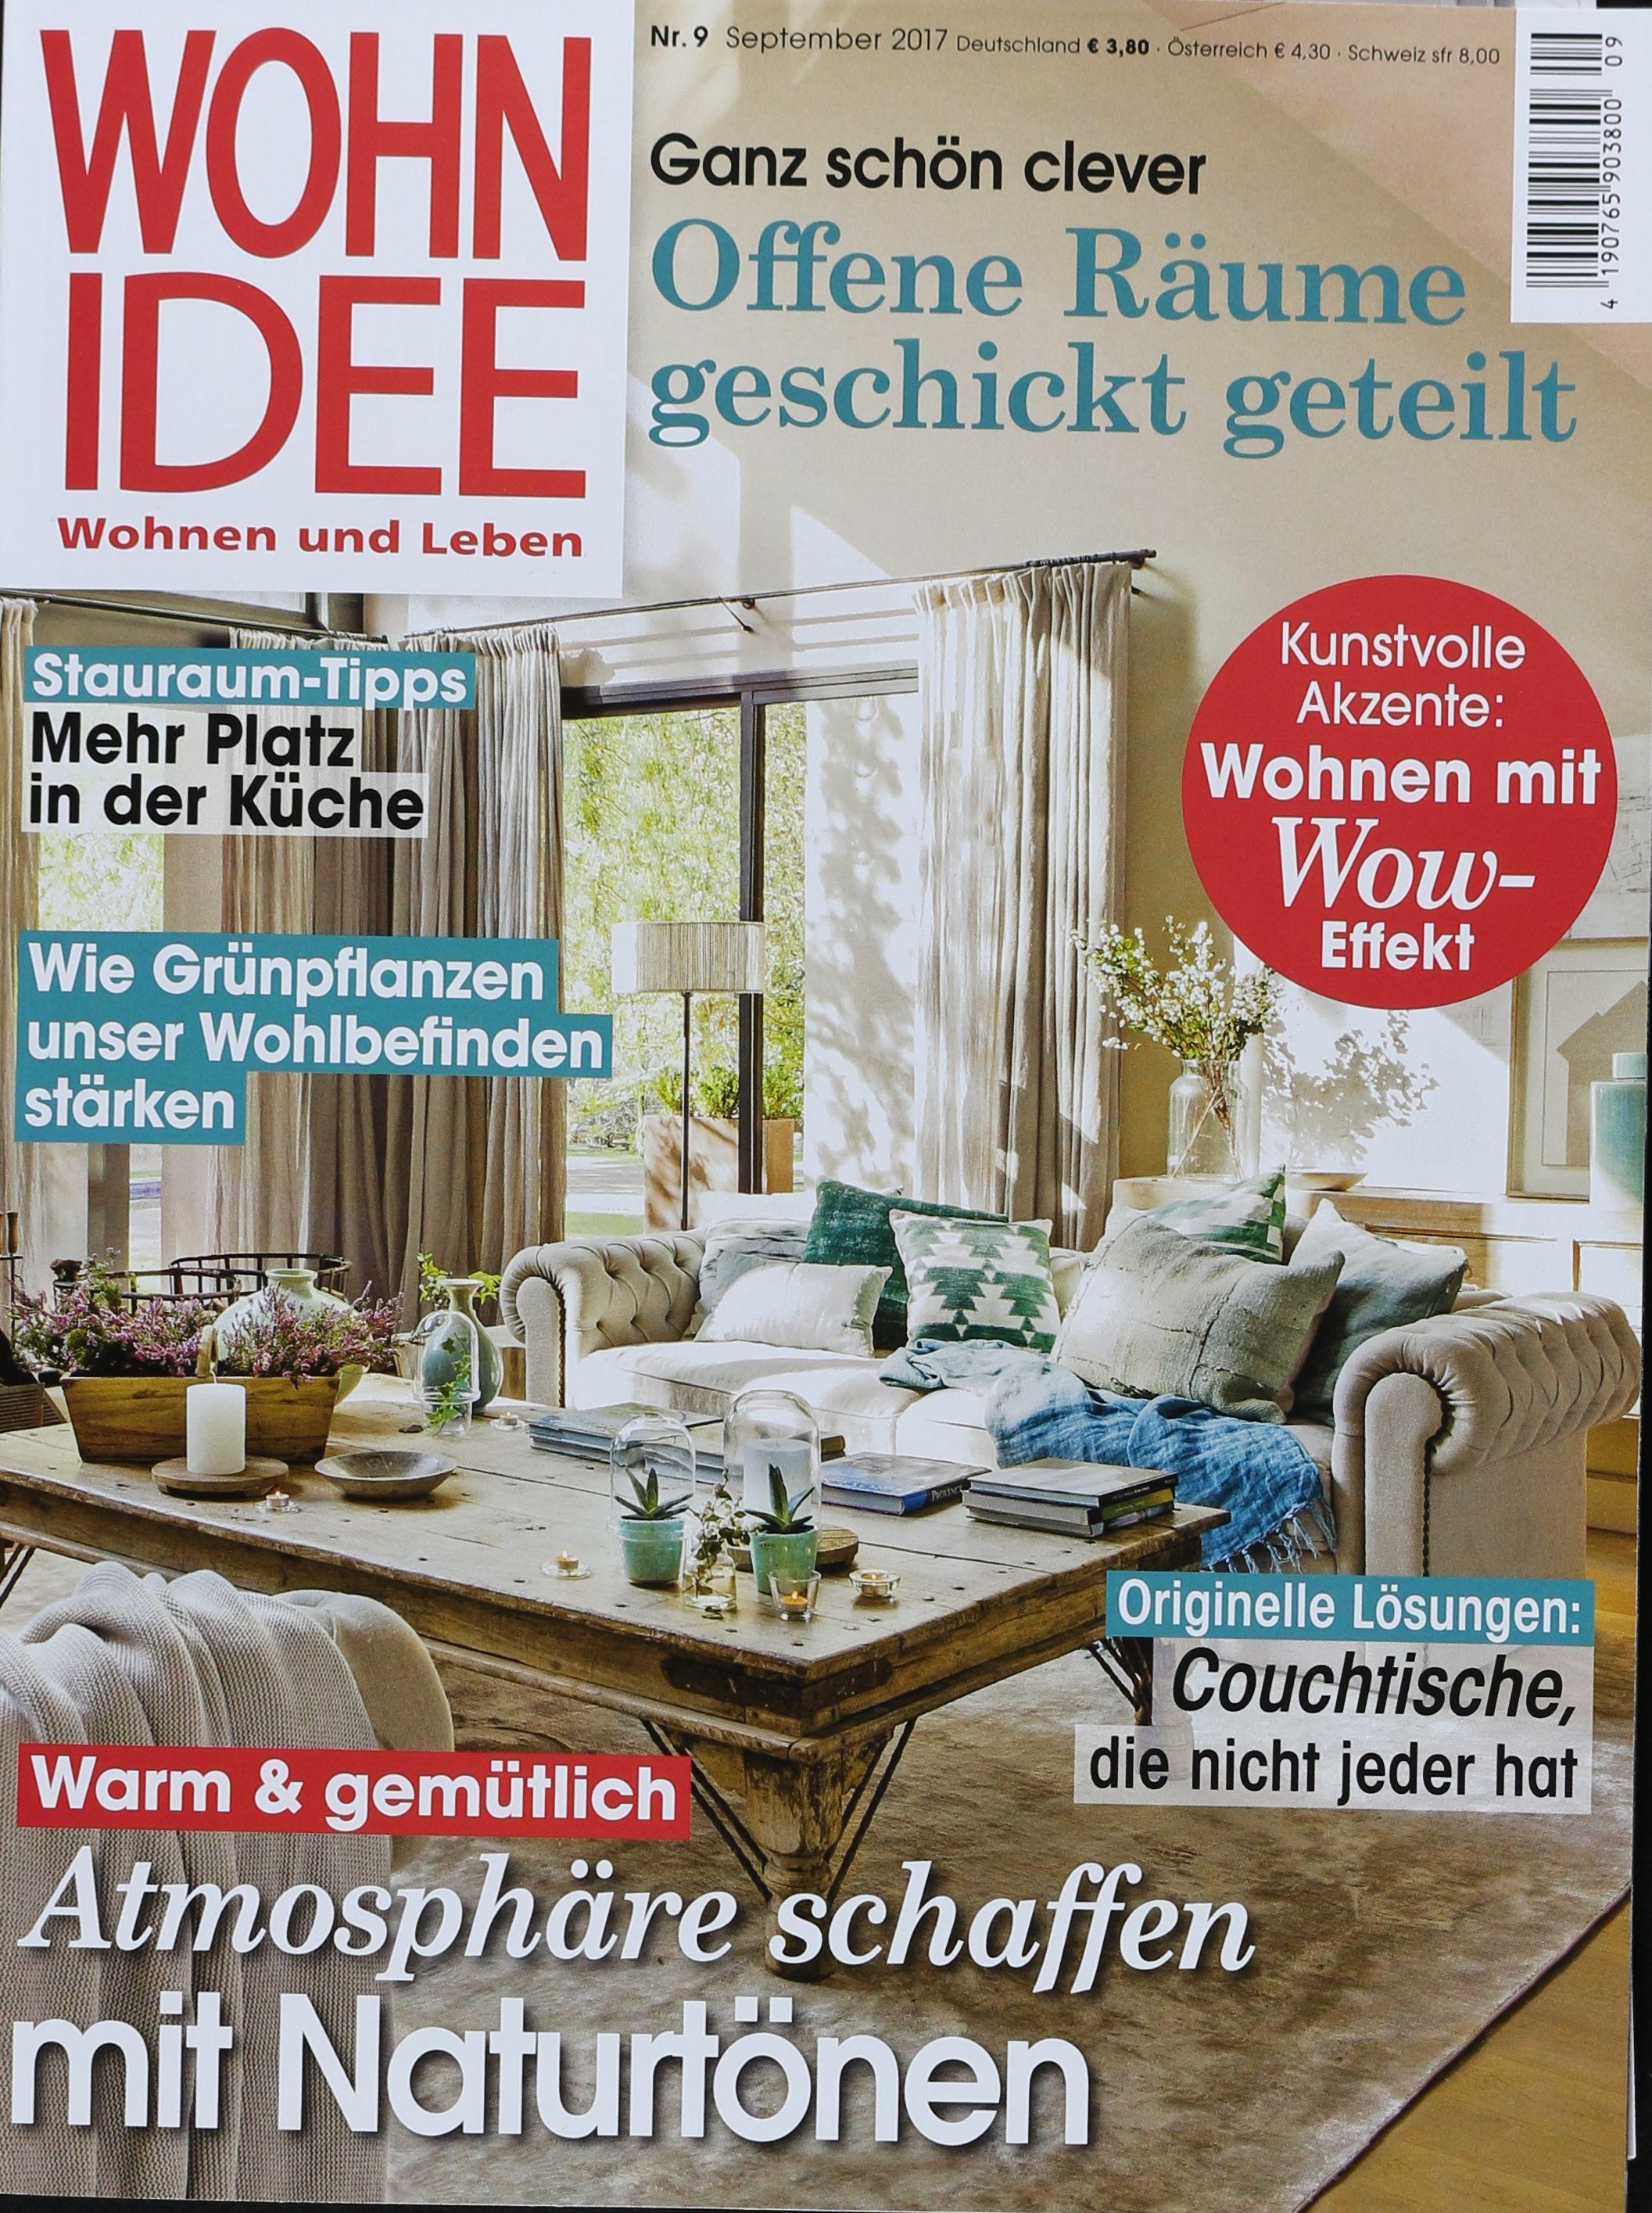 Wohn idee interesting in cham with wohn idee top das neu for Wohn magazine